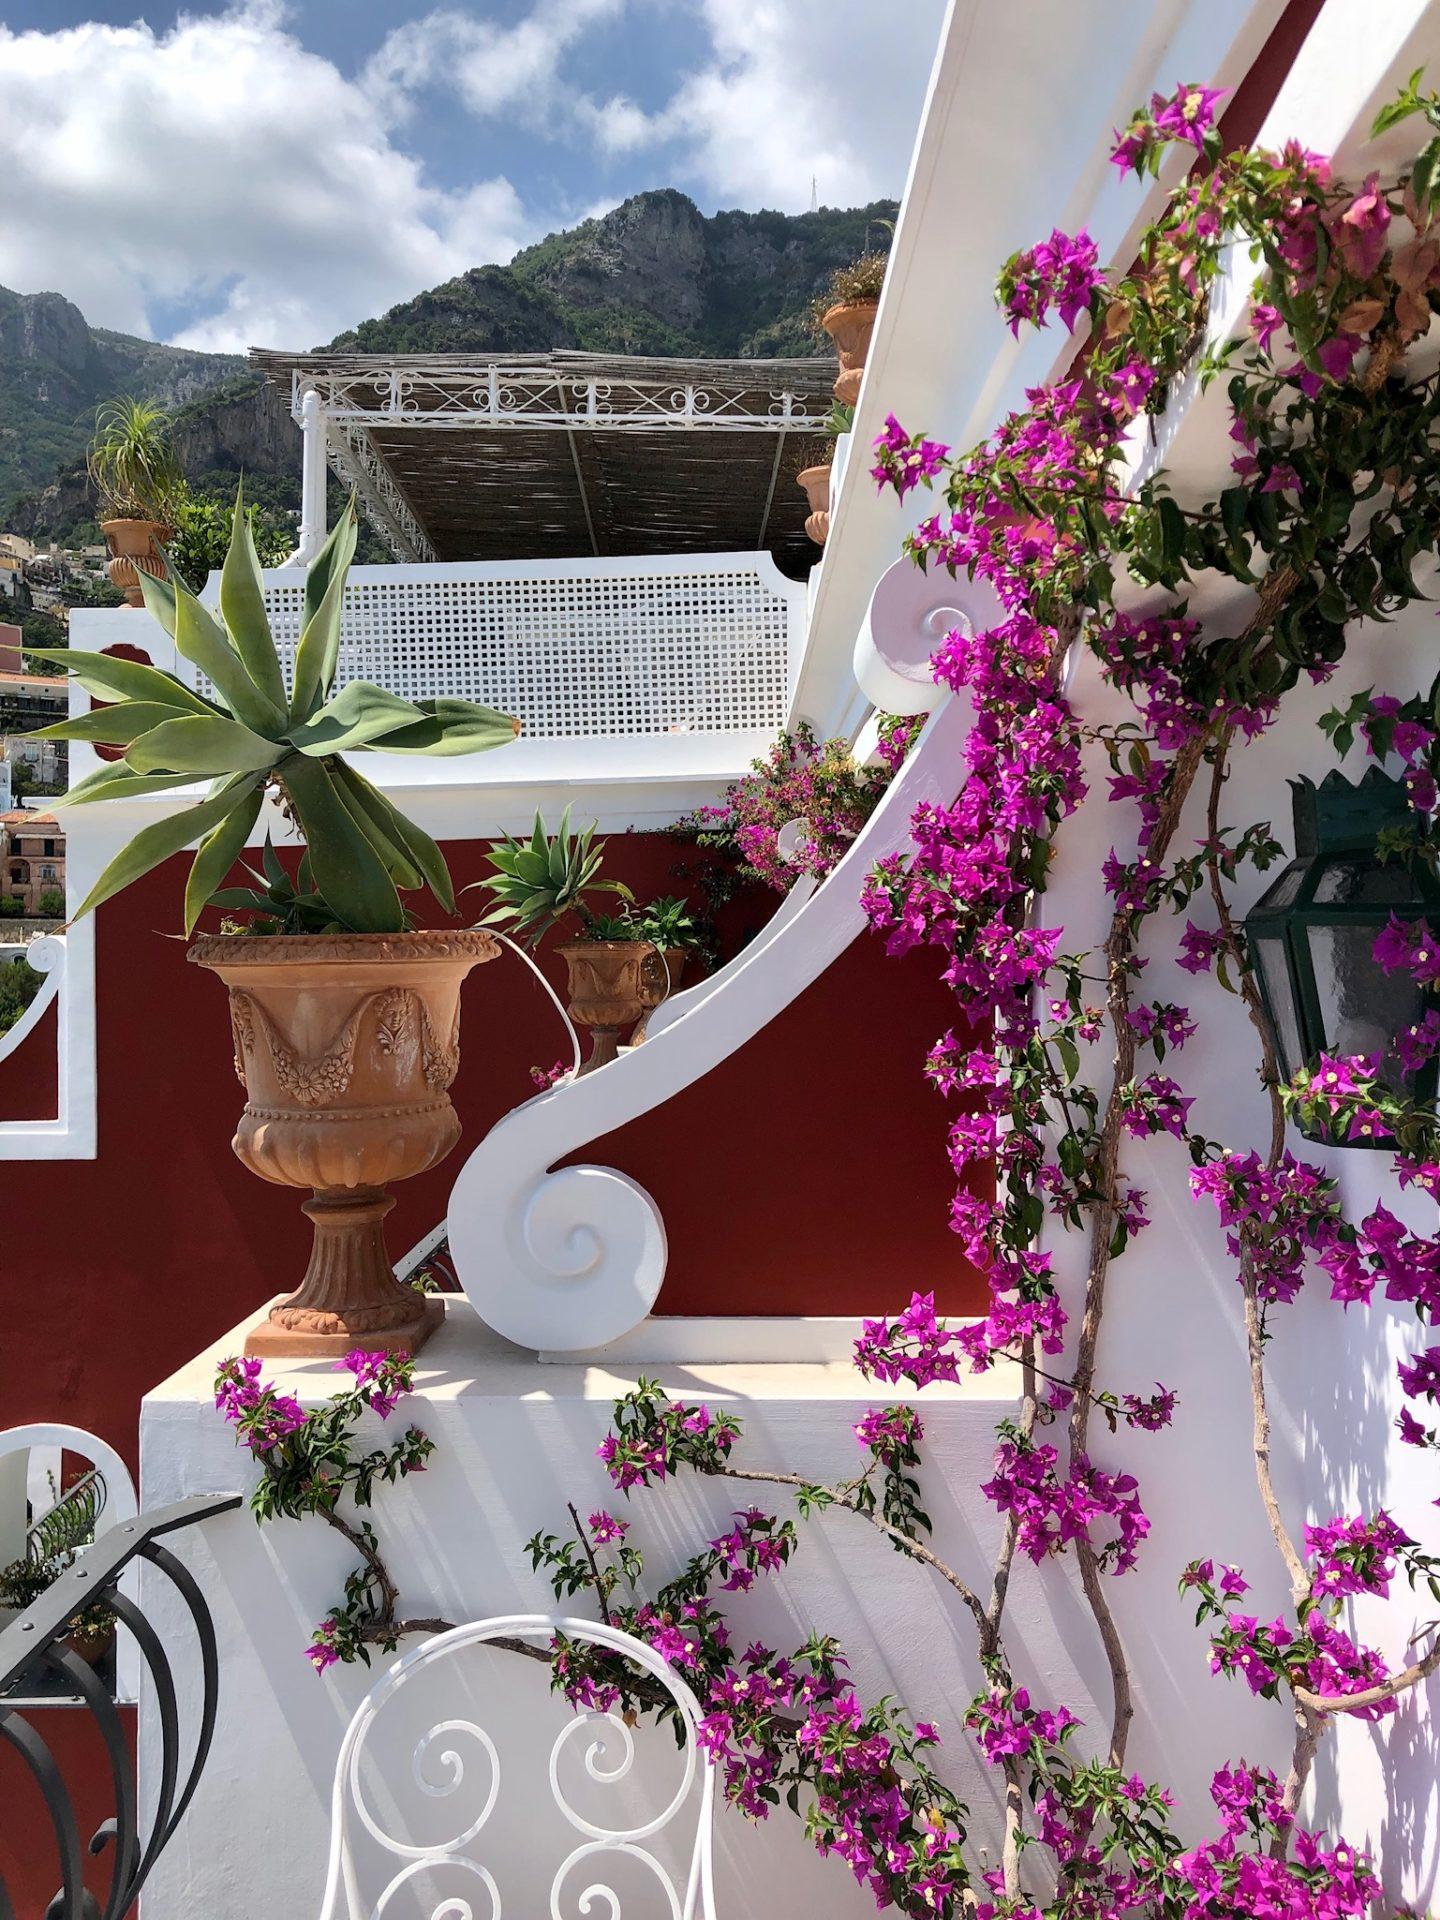 Le Sirenuse Flowers